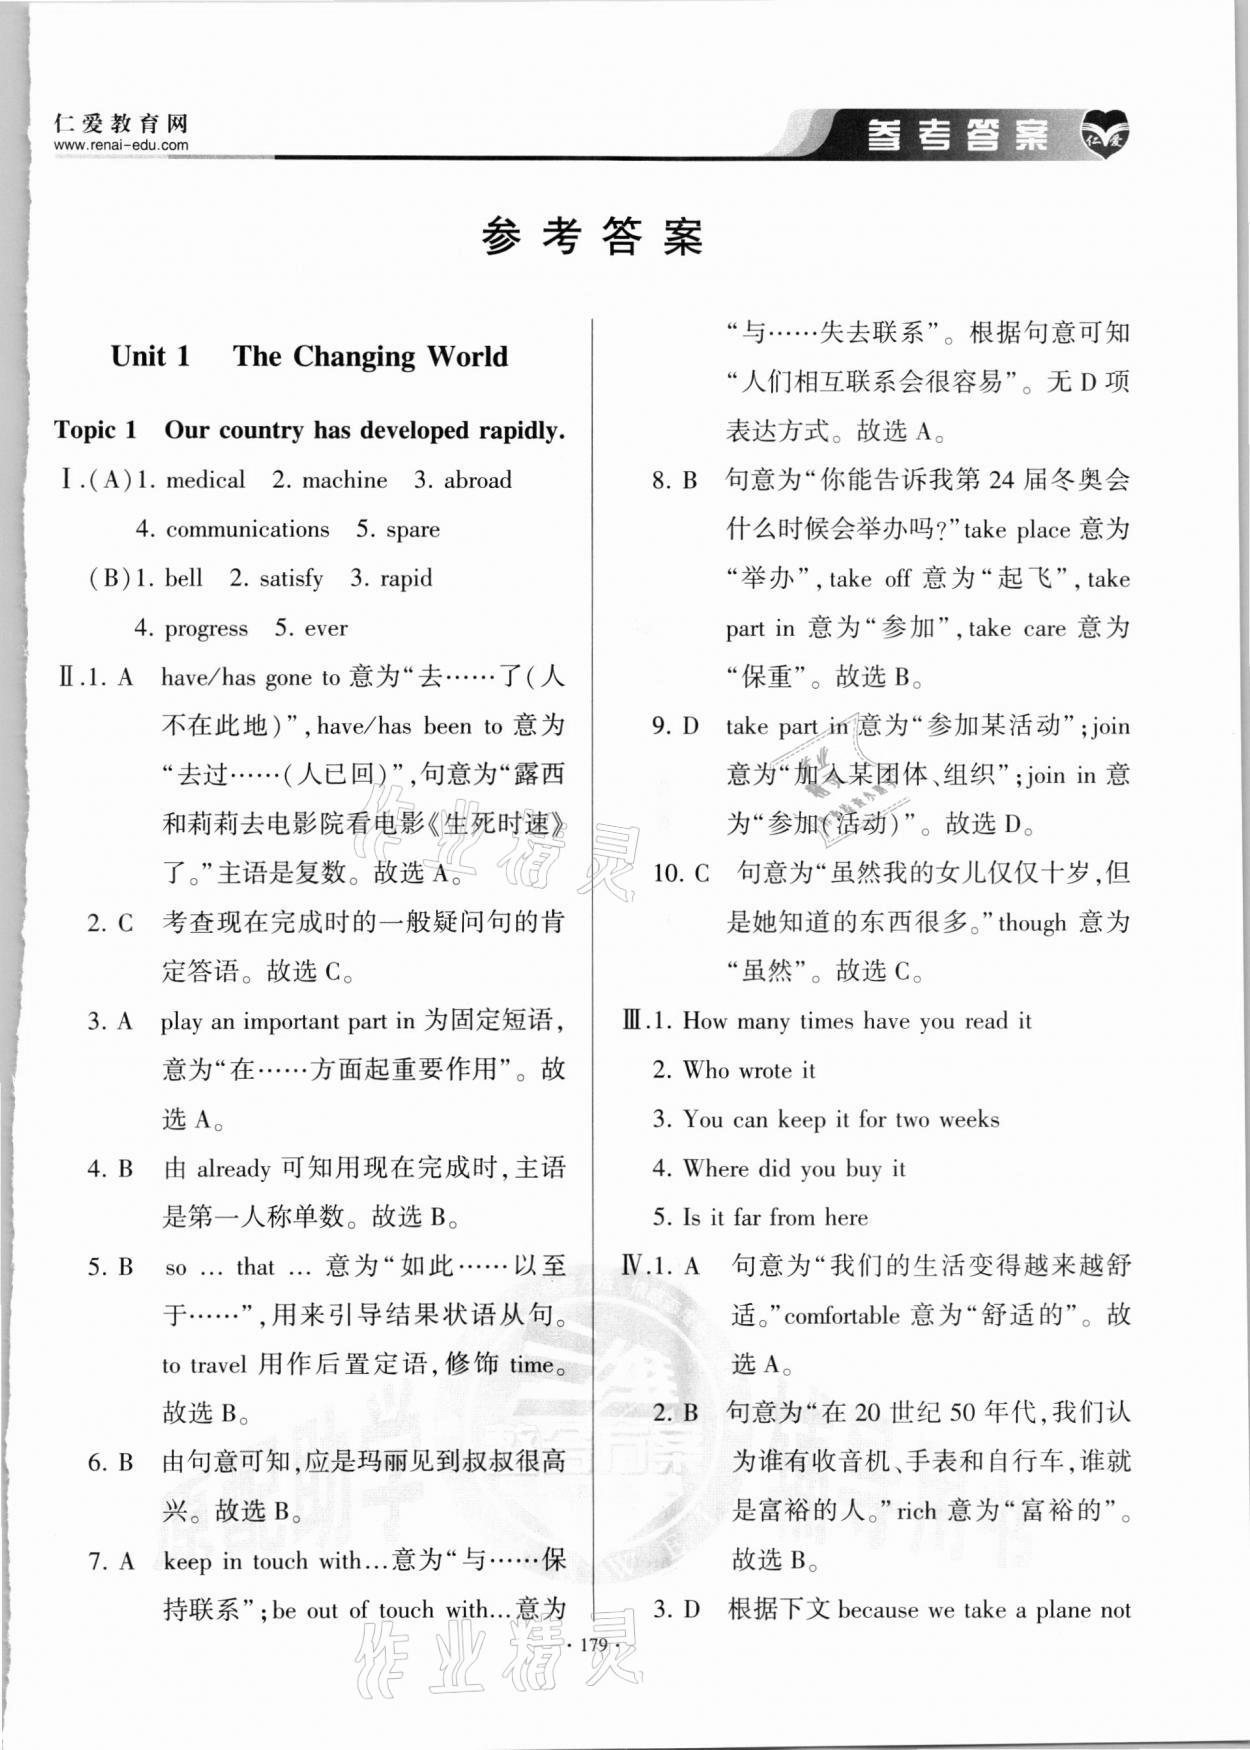 2021年仁爱英语基础训练九年级全一册仁爱版第1页